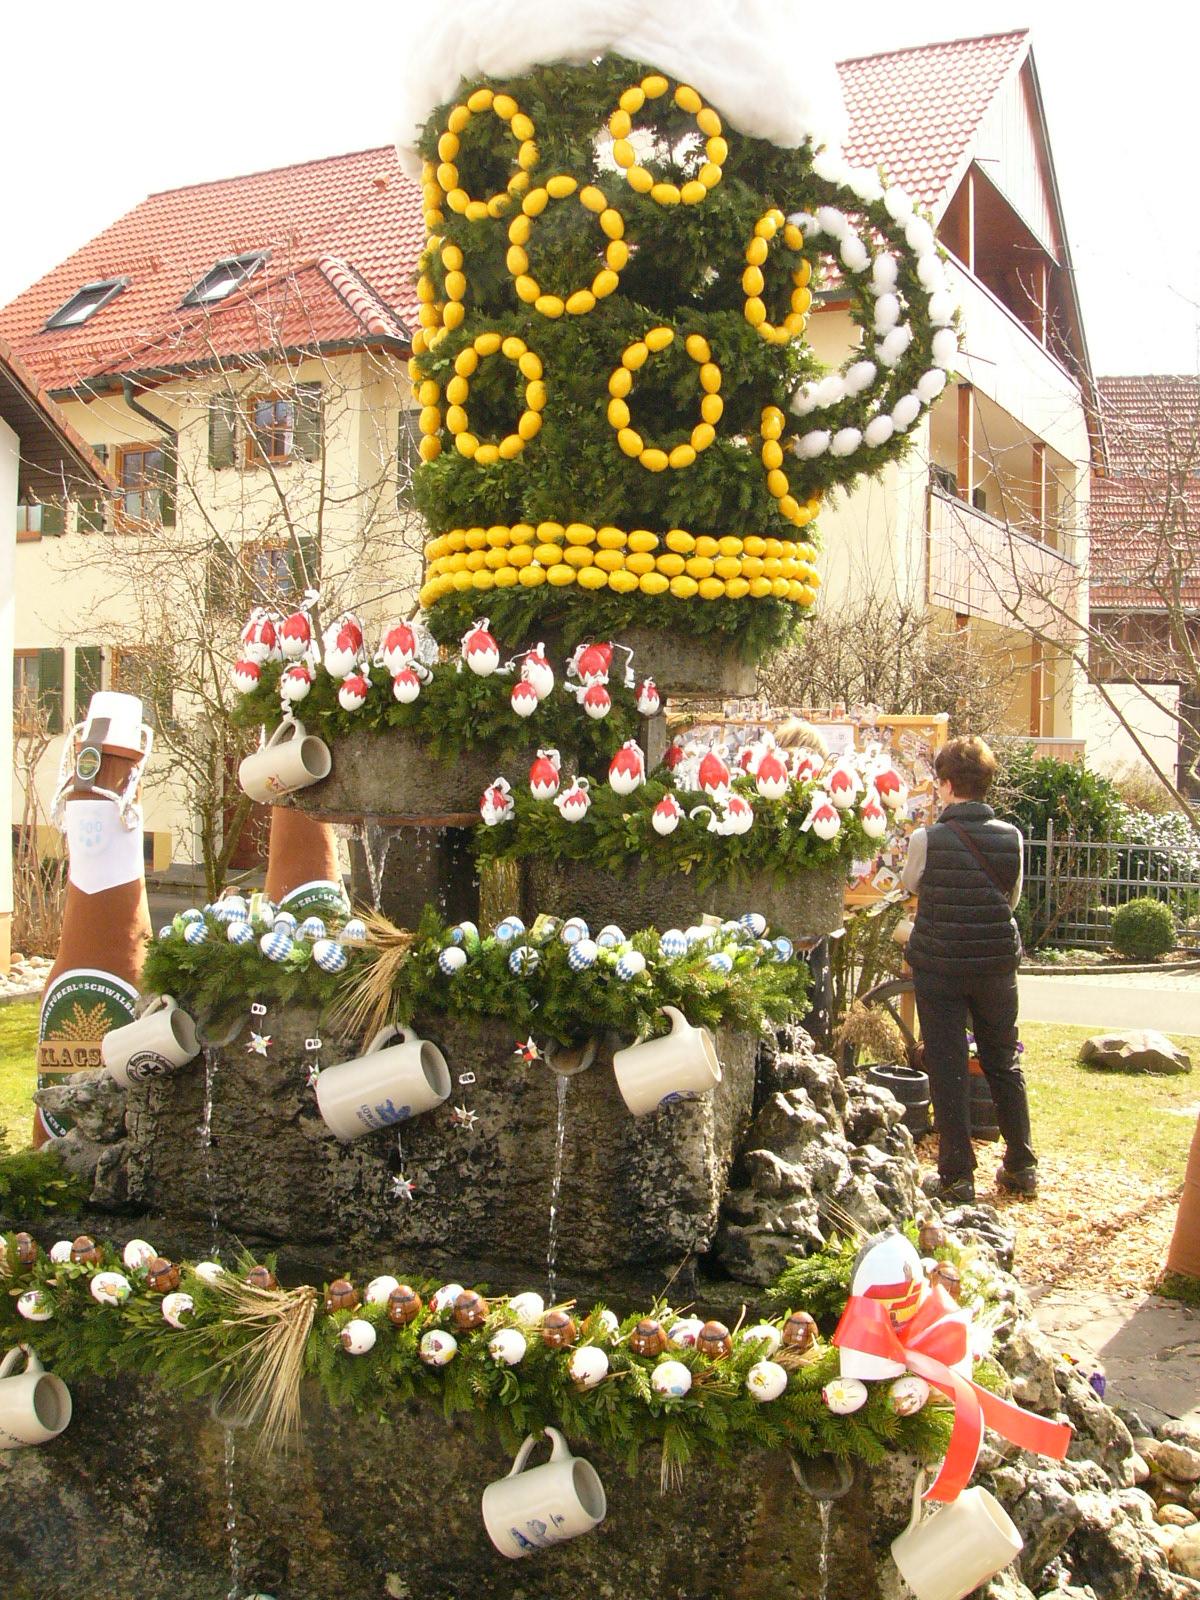 2016-03-27 Bierbrunnen in Kleingesee. Fo. J (1)